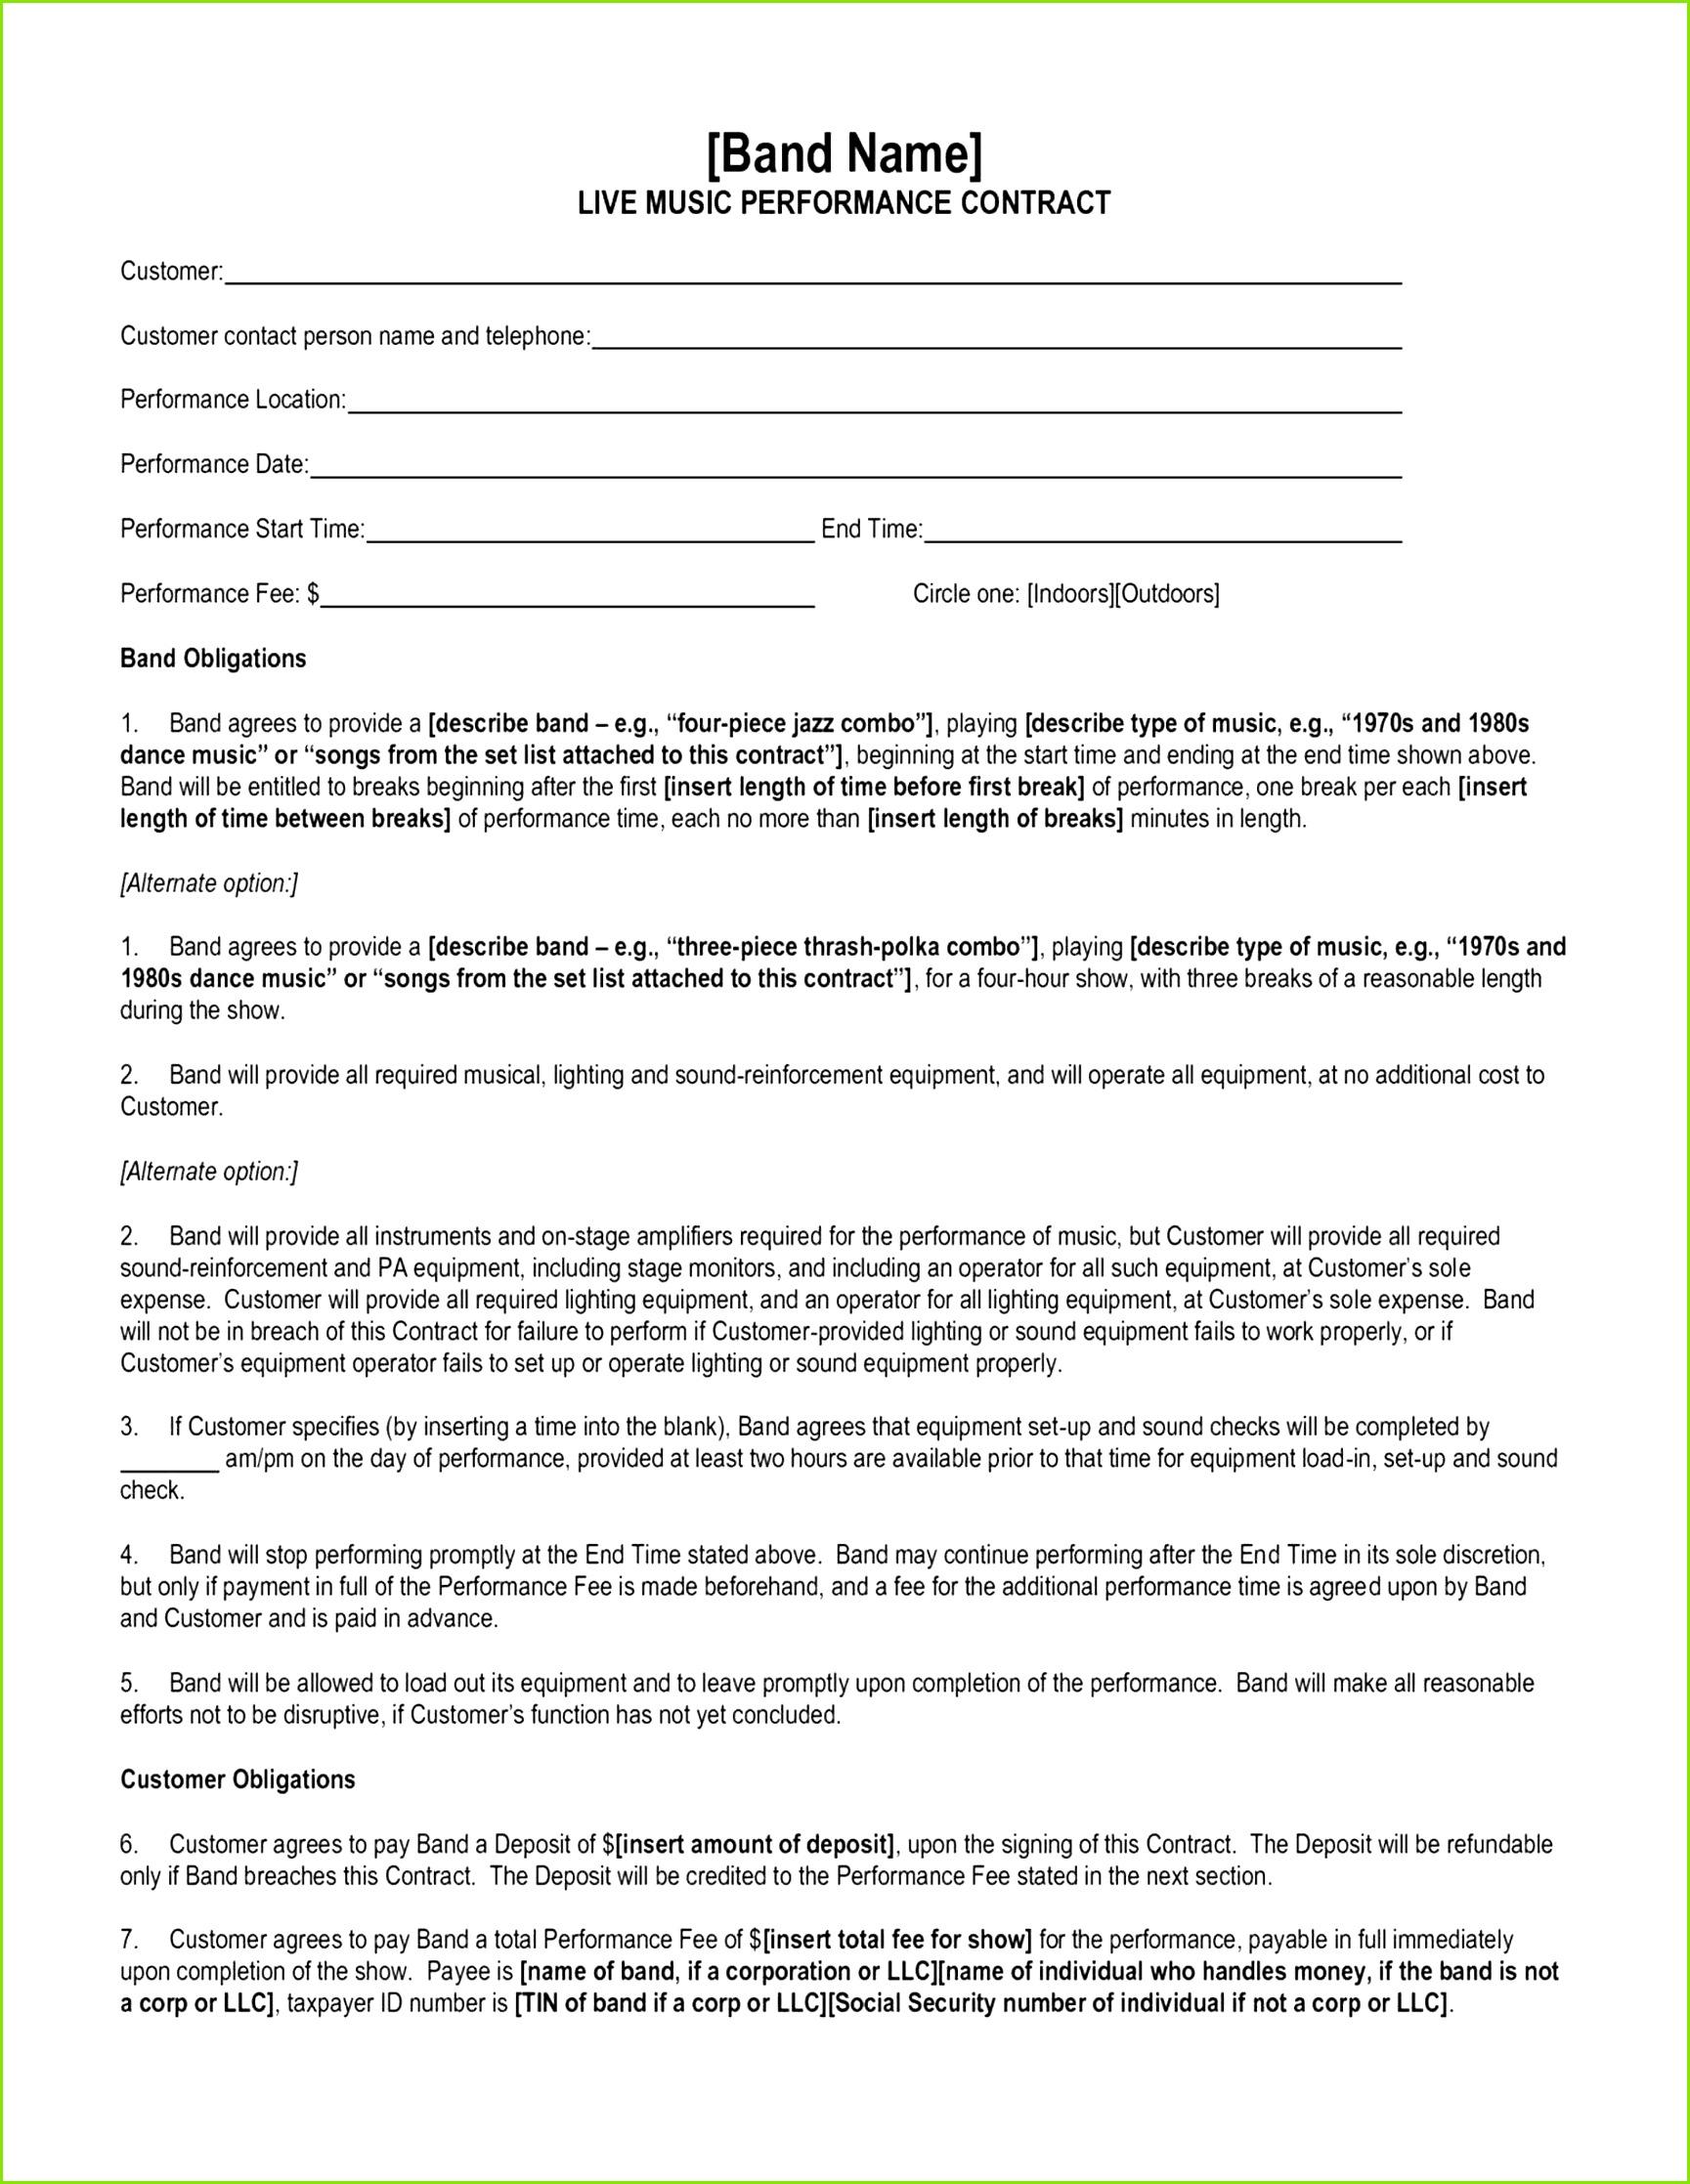 Service Level Vereinbarung Vorlage Best Service Level Agreement Template Doc New Service Level Agreement